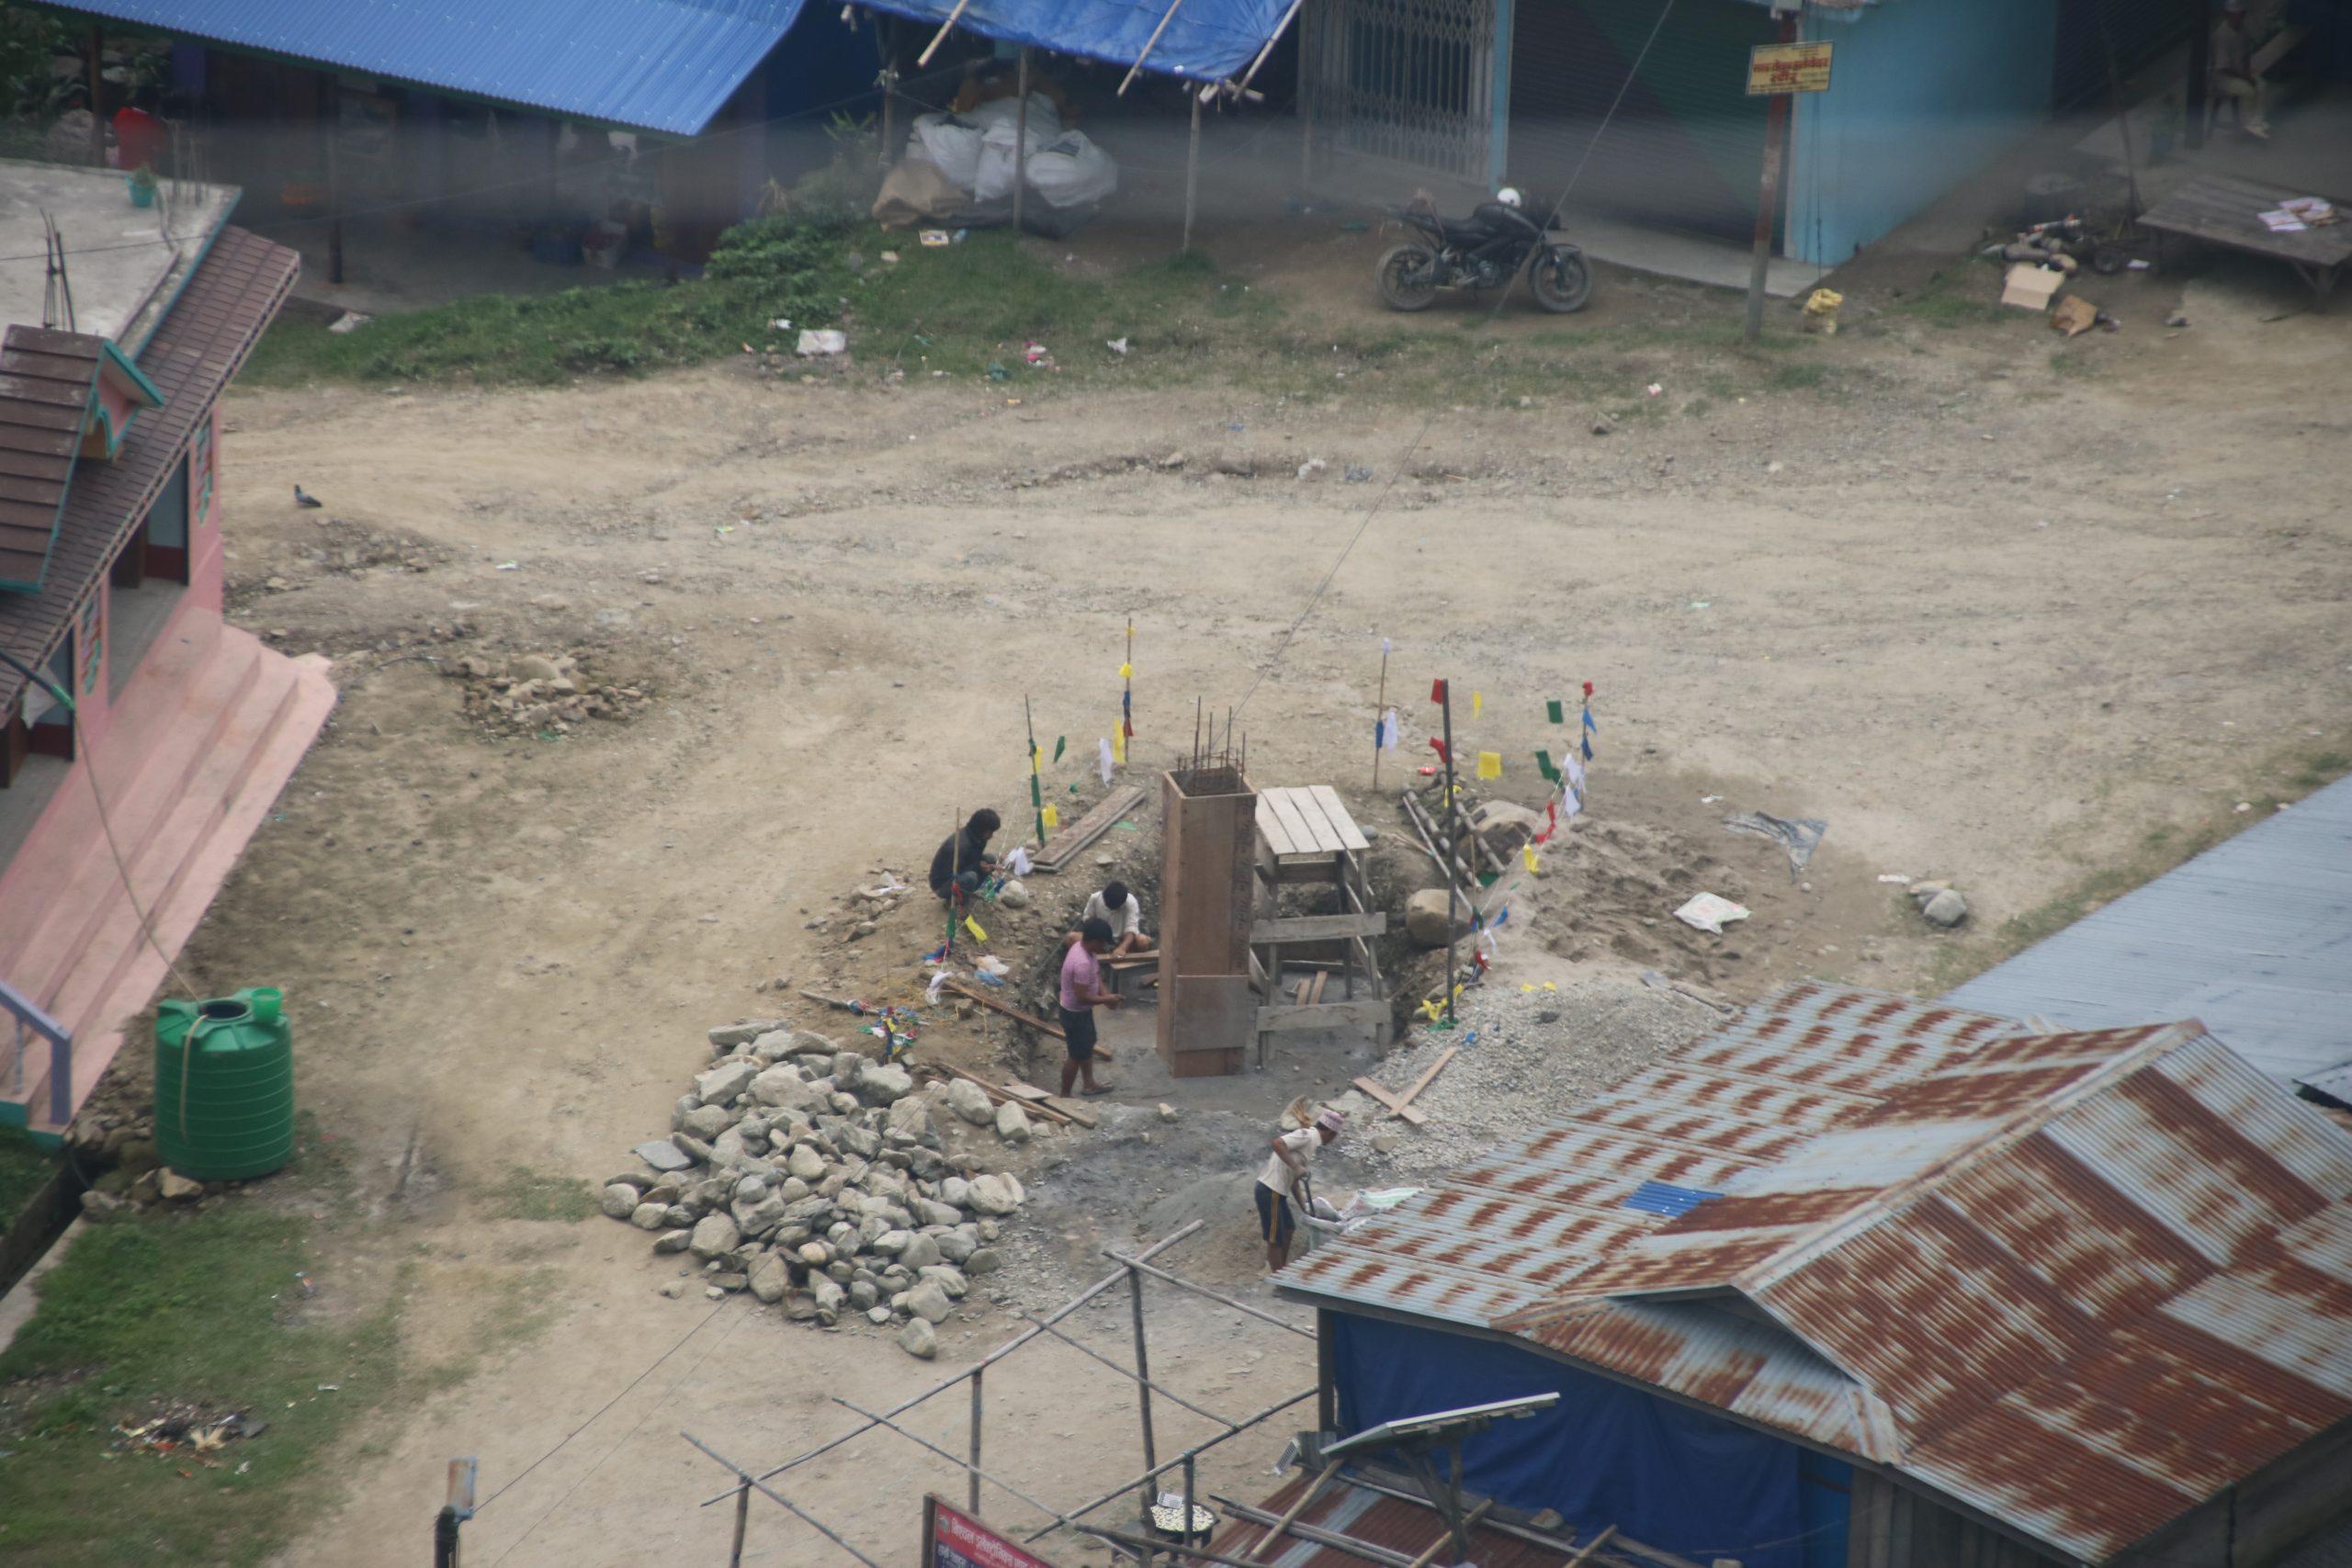 माङसेबुङ परिसरमा निर्माणाधिन भौतिक पुर्वाधारहरु(फोटो फिचर)